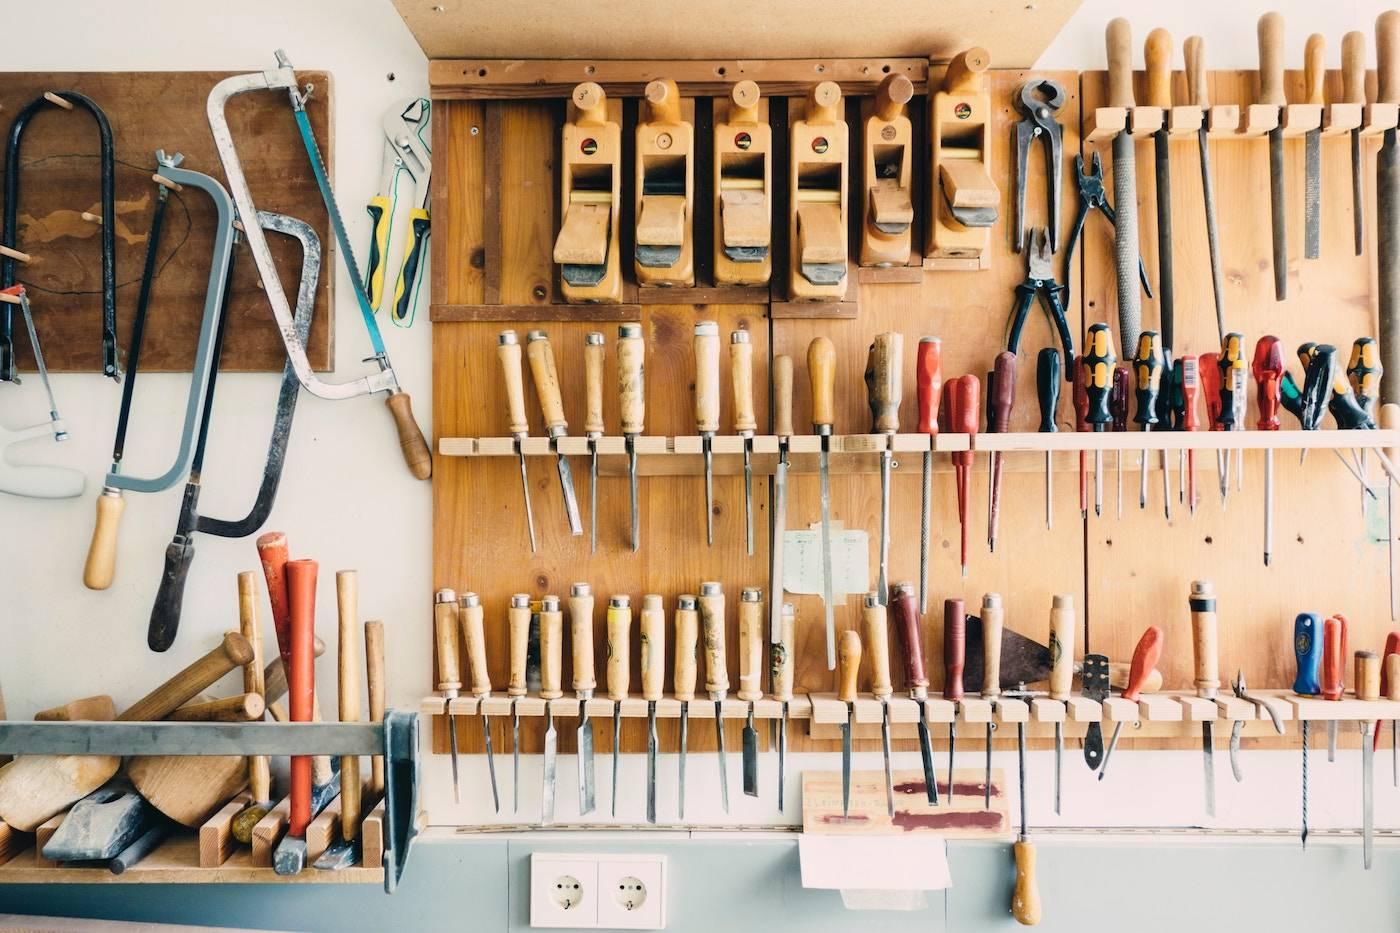 Лайфхаки для гаража (41 фото): интересные идеи для мастерской и полезные гаражные приспособления своими руками